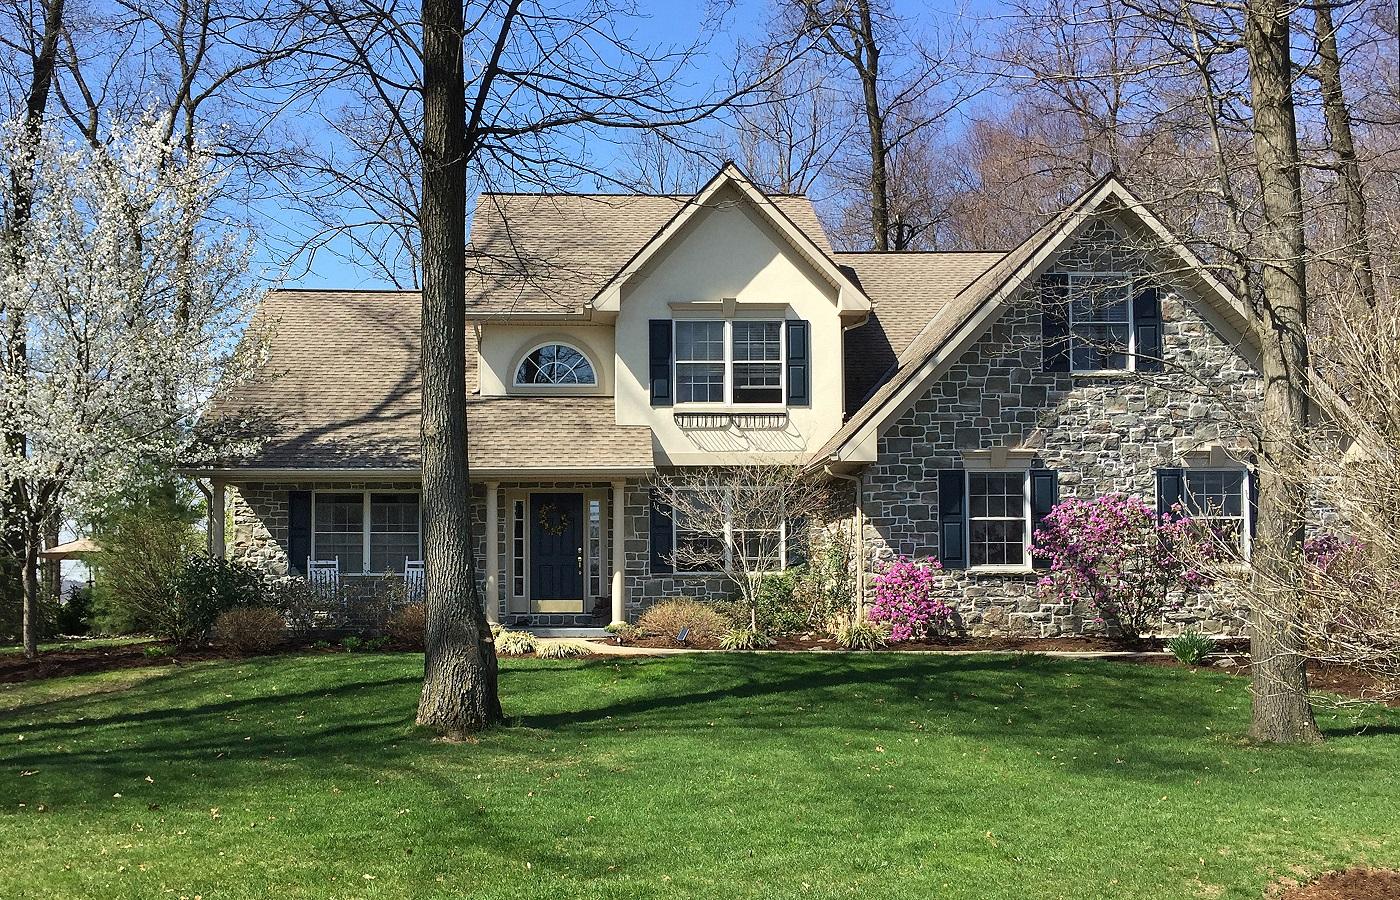 Частный односемейный дом для того Продажа на 100 Fairway Circle Lebanon, Пенсильвания 17042 Соединенные Штаты